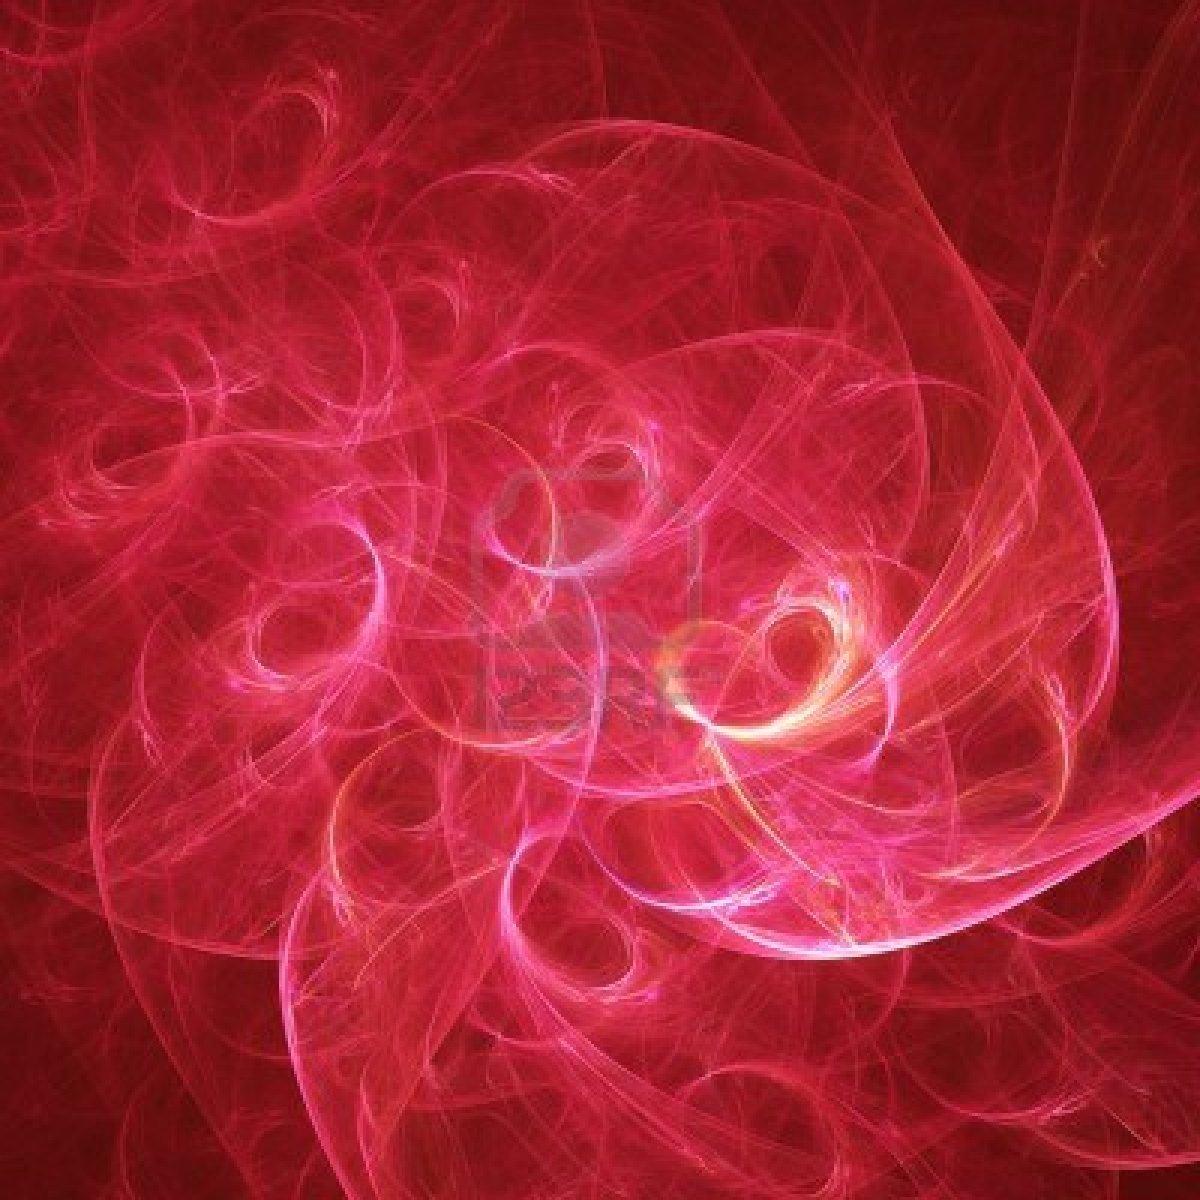 729061-chaos-amour-coeur-des-nuages-sur-fond-rose